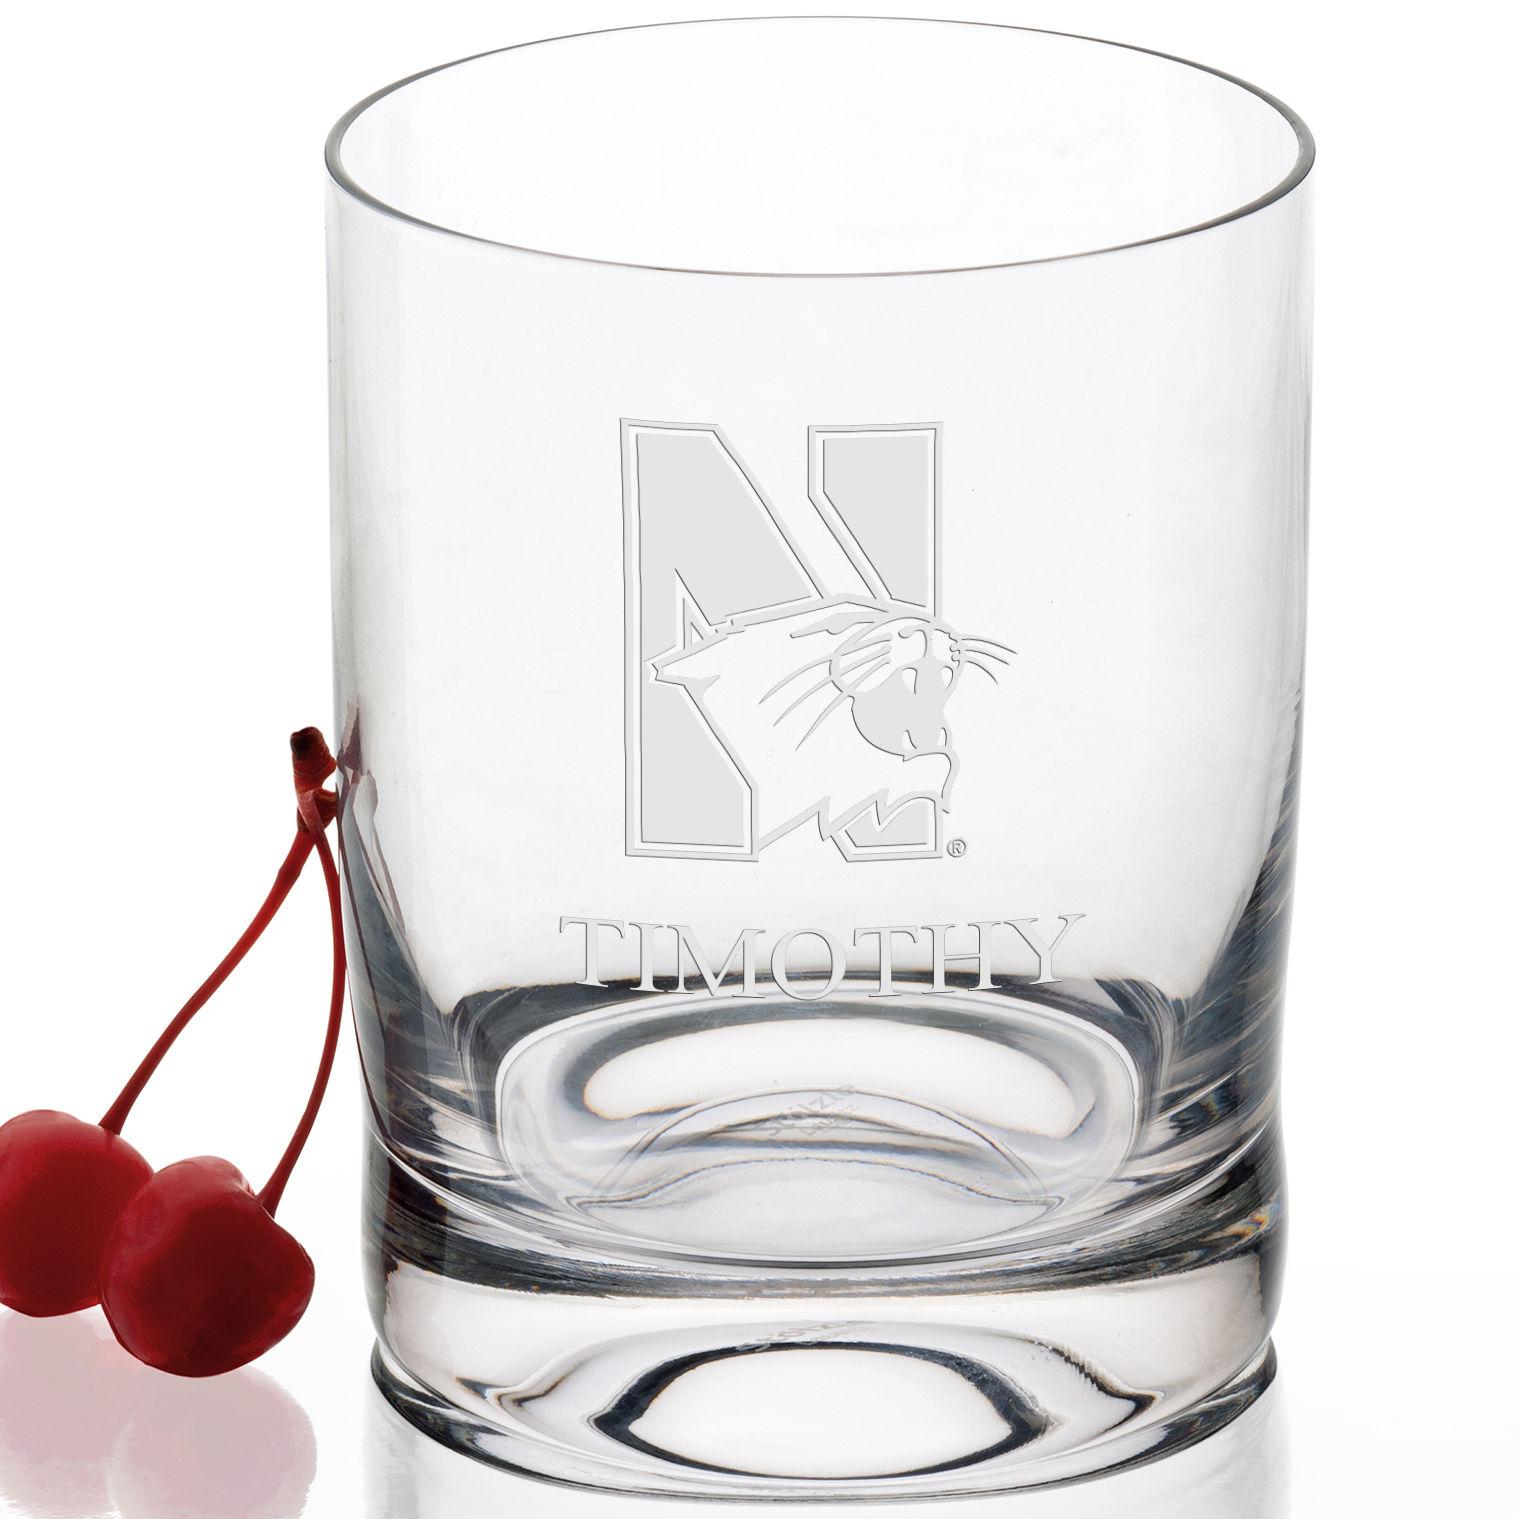 Northwestern University Tumbler Glasses - Set of 2 - Image 2